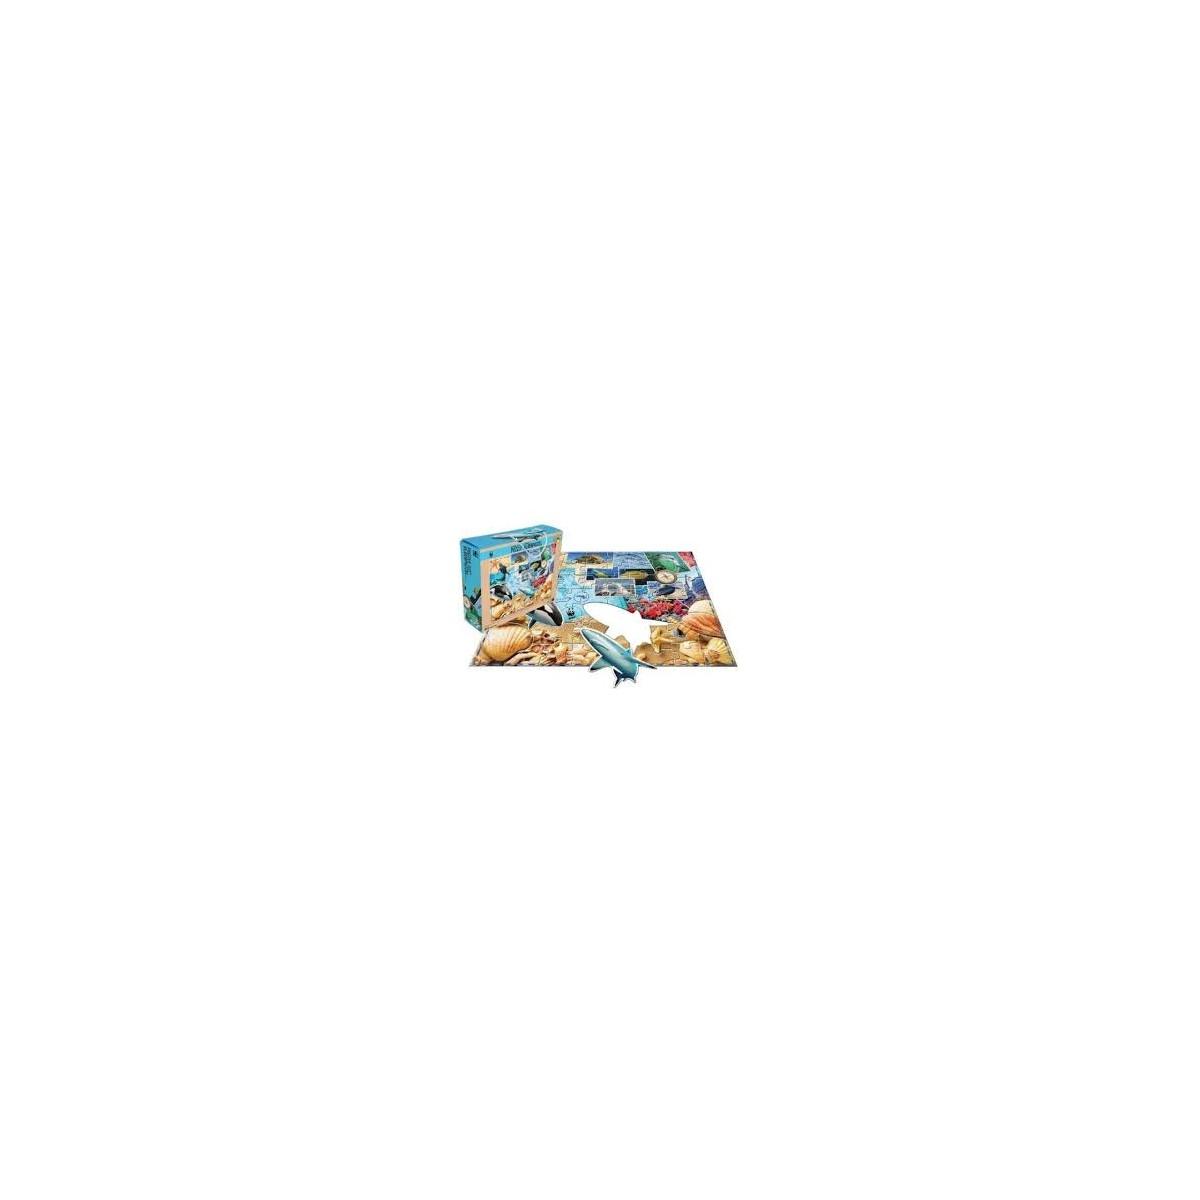 ... u0026gt; Jouets u0026gt; Logique et puzzles u0026gt; Puzzle / Tapis de sol - Fonds Marins